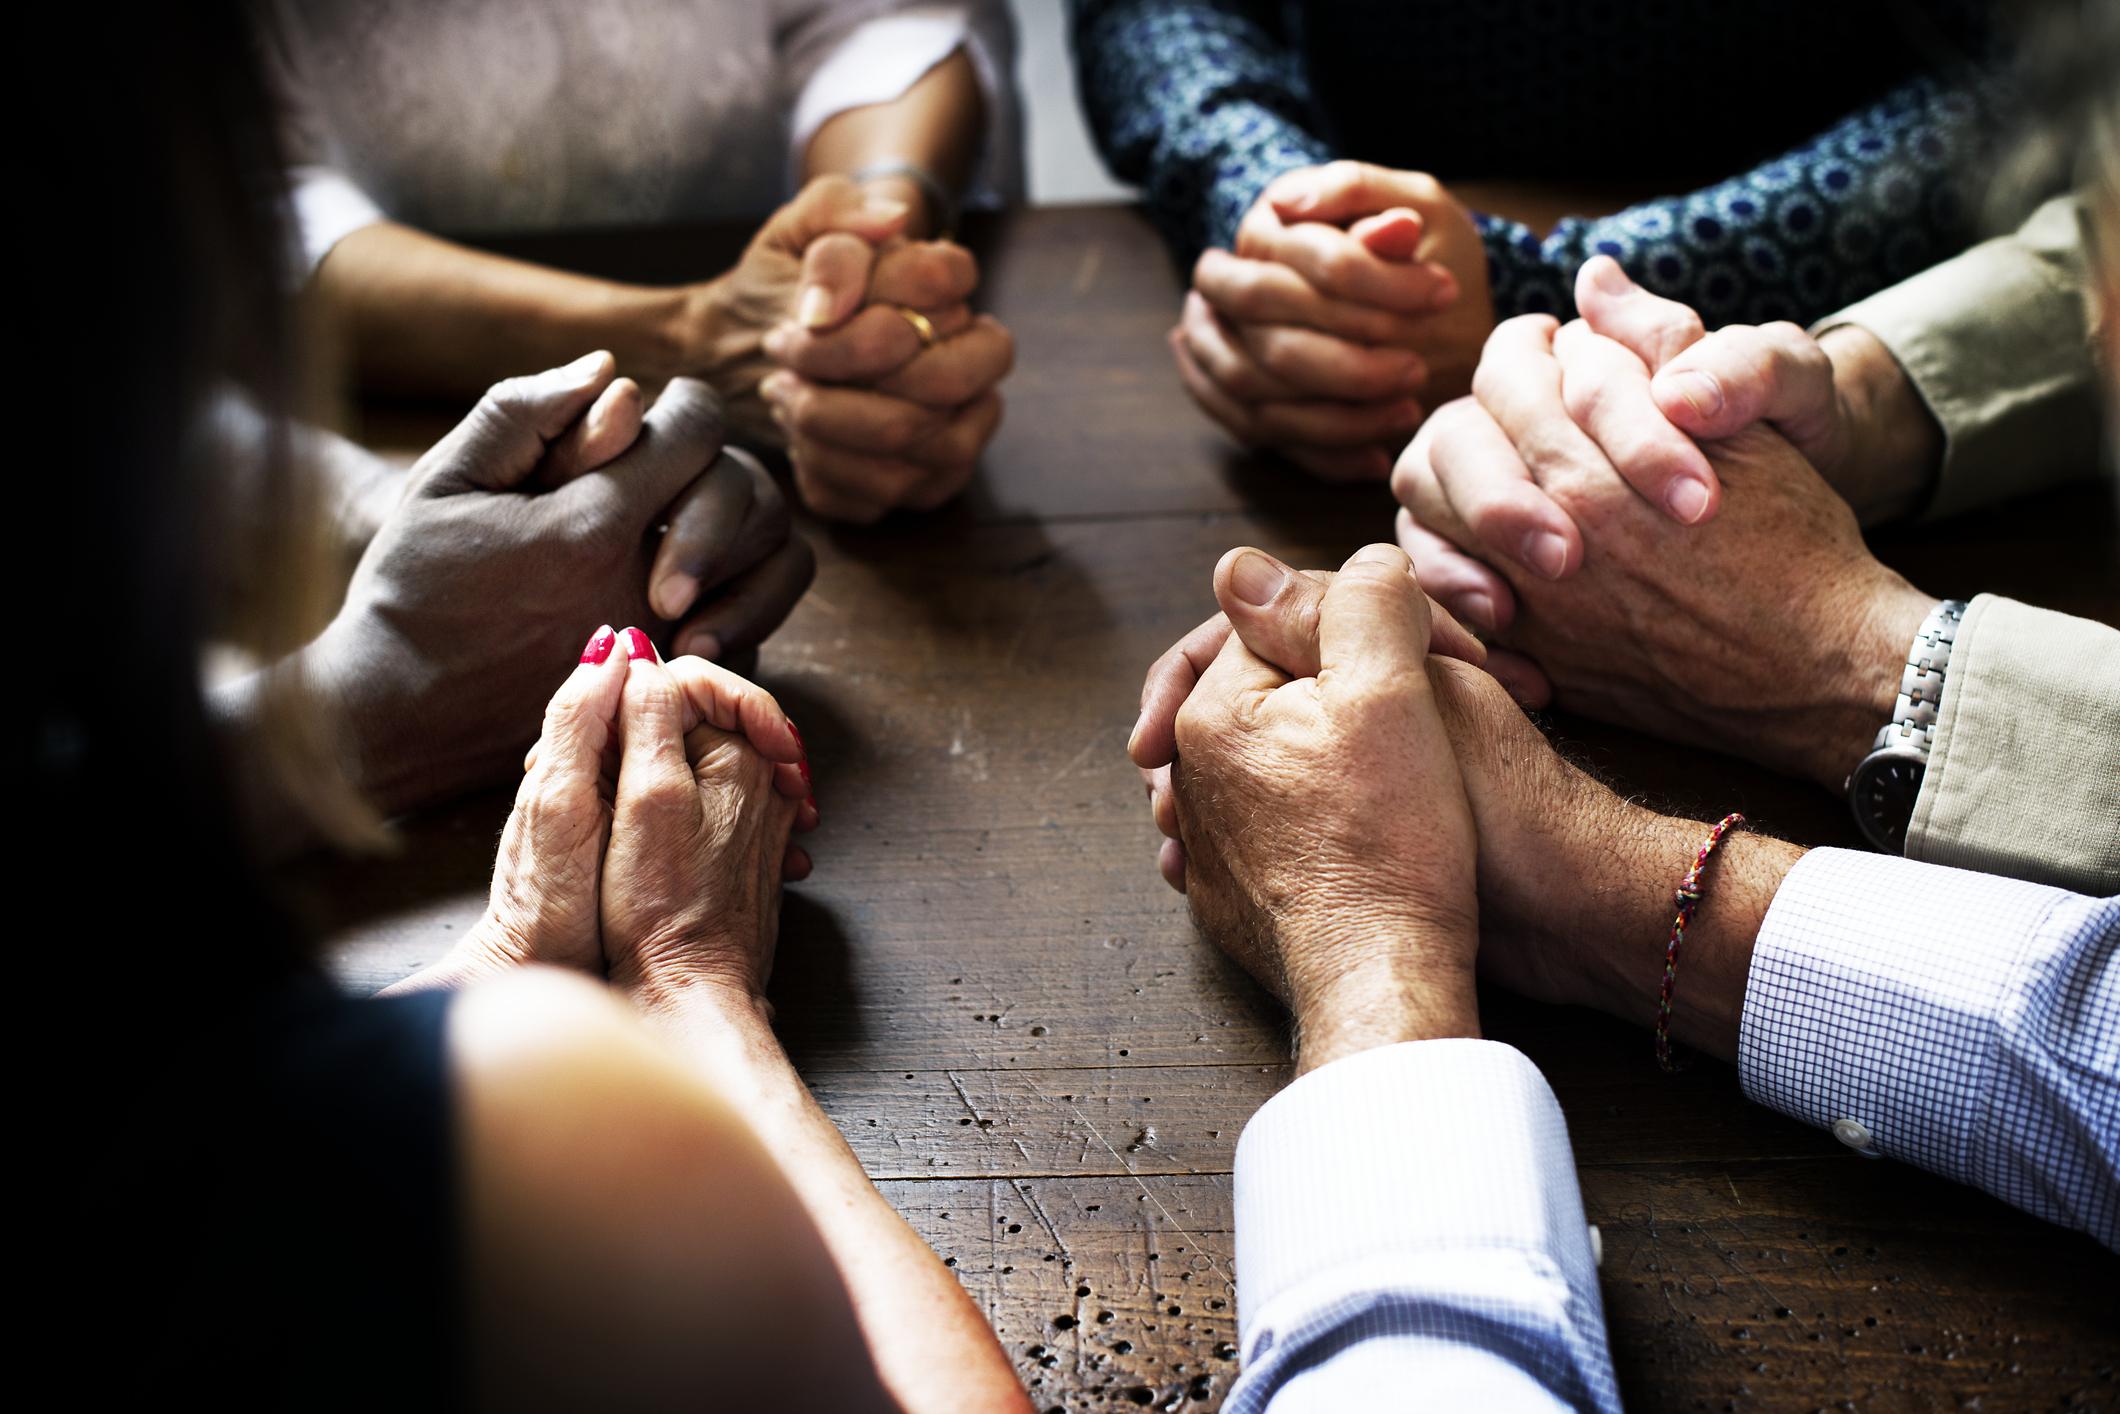 July 8: Pray Together Sunday - 98.5 KTIS 98.5 KTIS